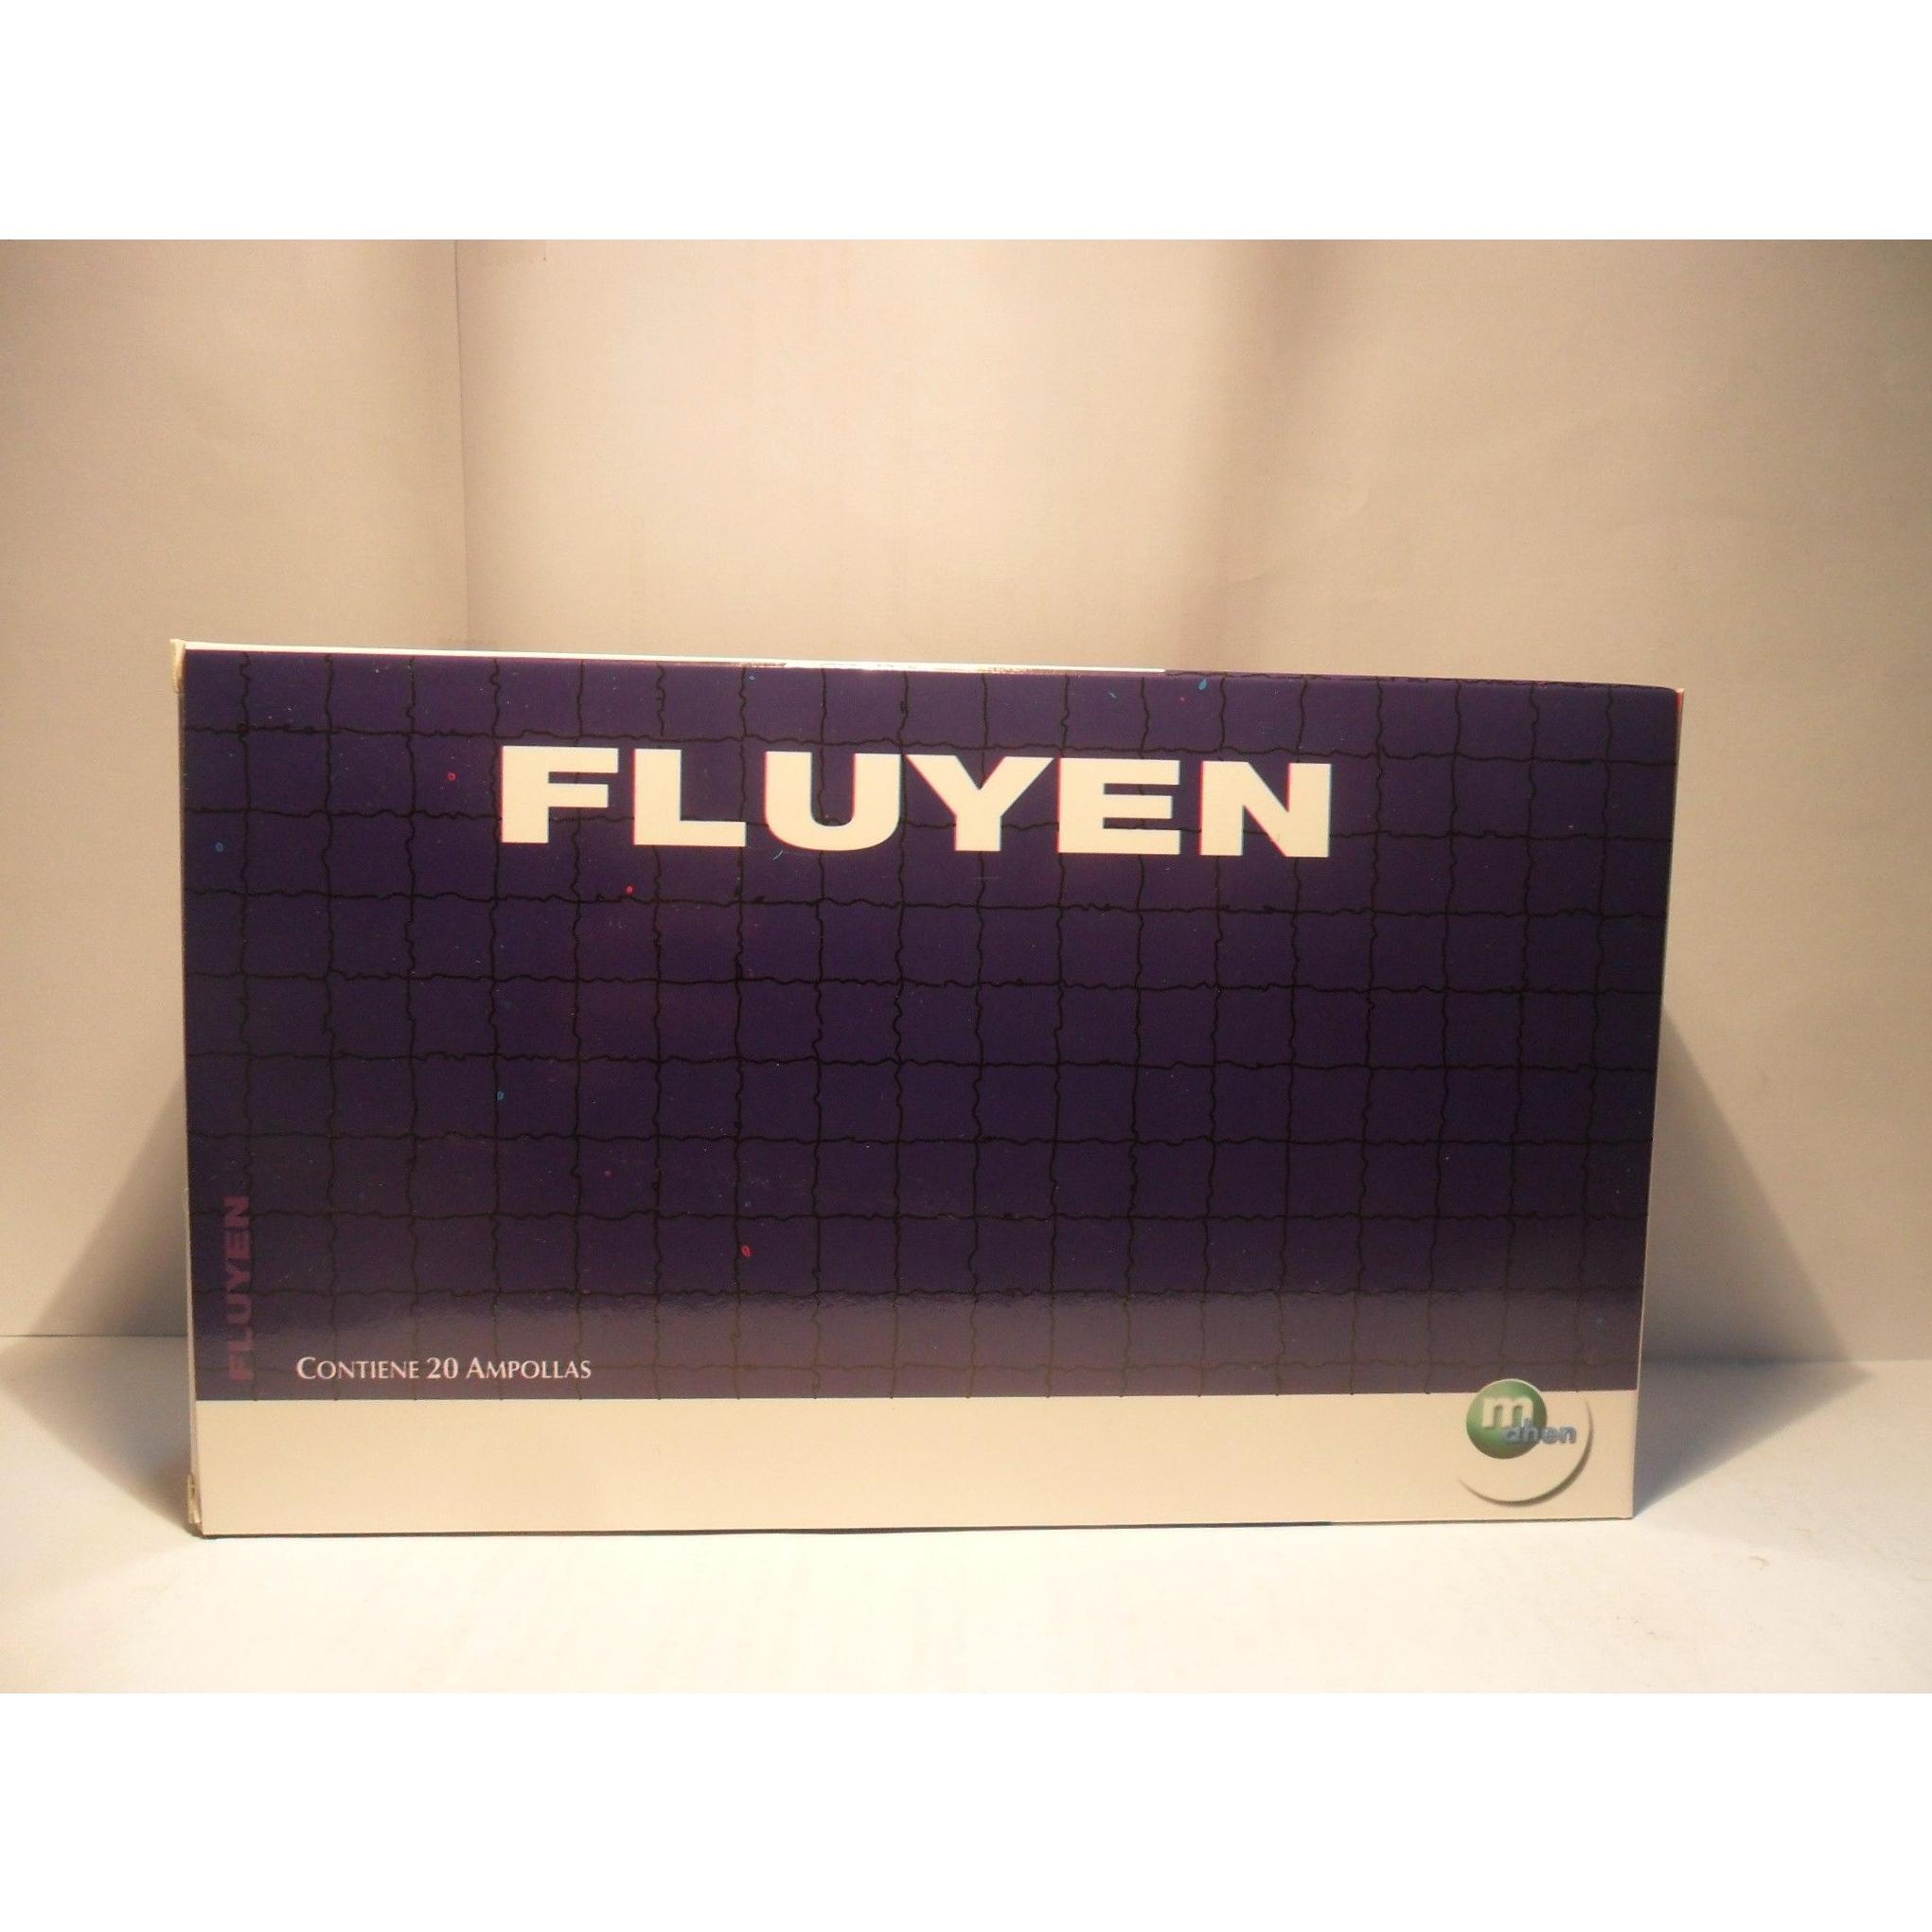 Fluyen: Catálogo de productos de Herbolario El Monte